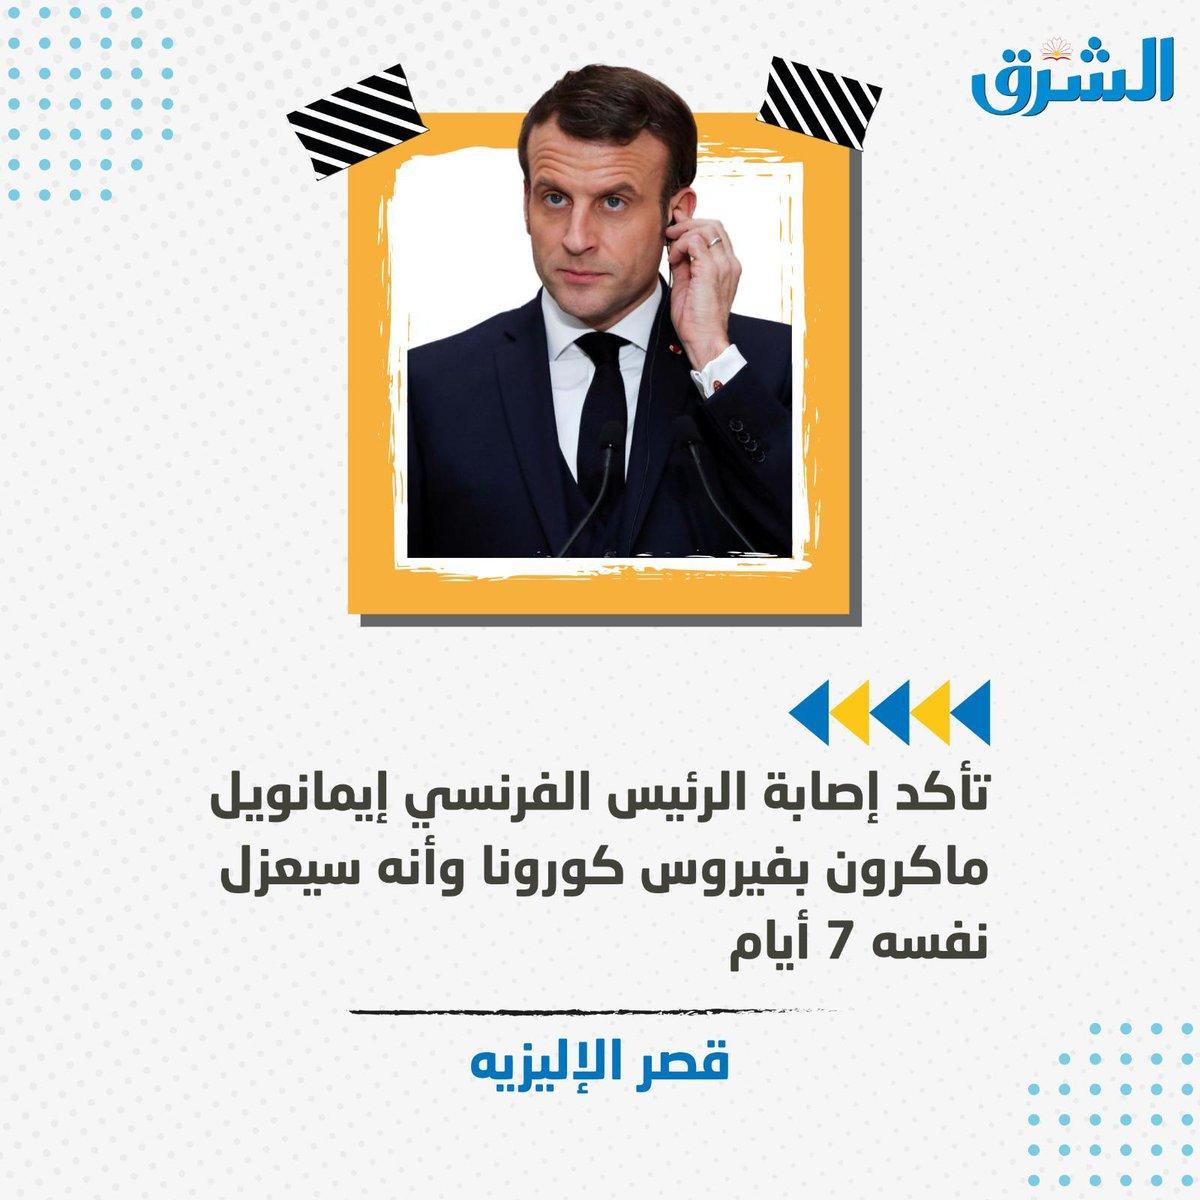 صورة واقتباس..الرئيس الفرنسي إيمانويل ماكرون يصاب بفيروس كورونا